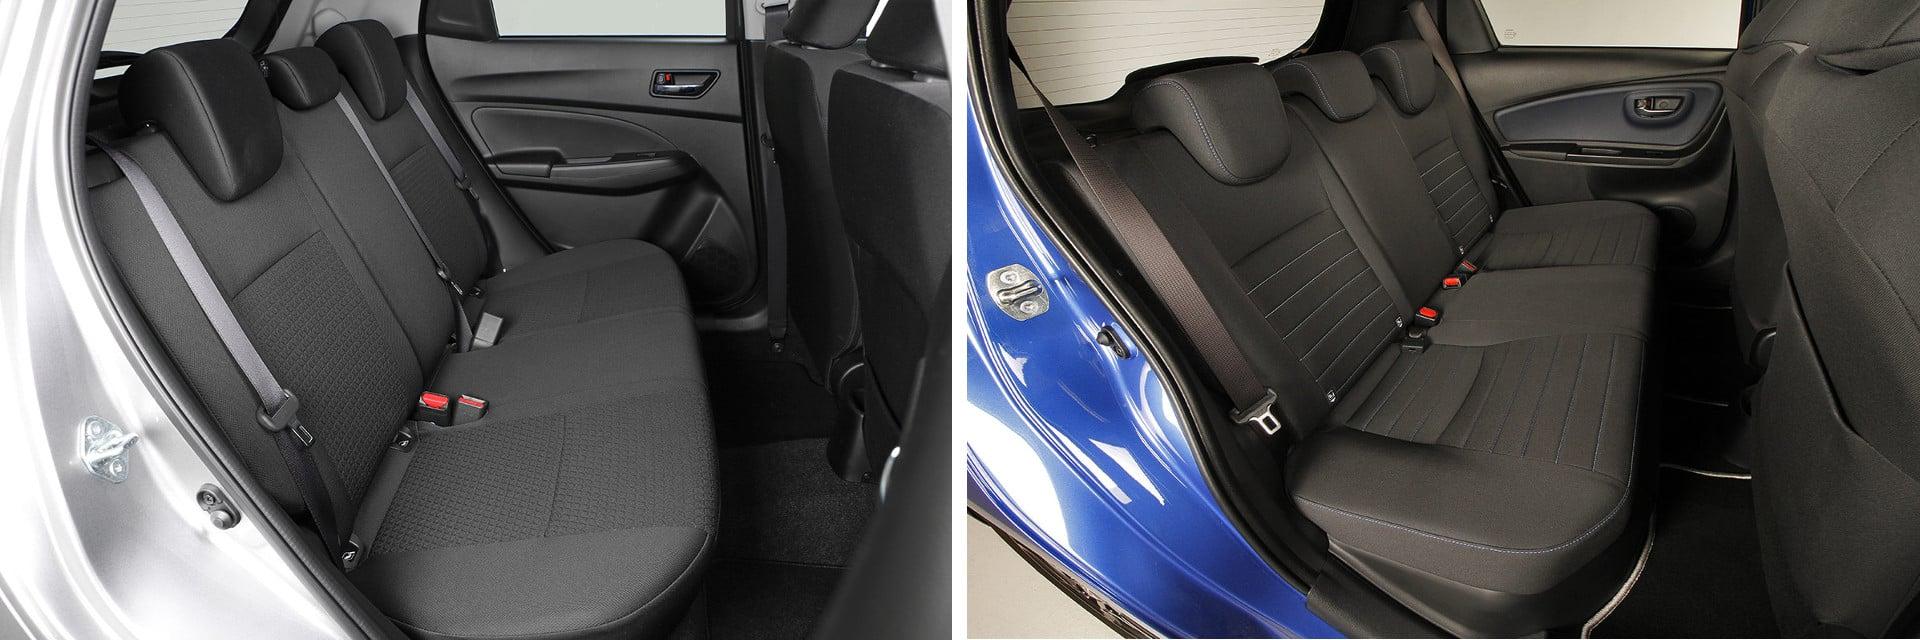 Los ocupantes de la parte trasera irán más cómodos en el Suzuki Swift (izq.), ya que cuentan con más espacio, que en el Toyota Yaris (dcha.)